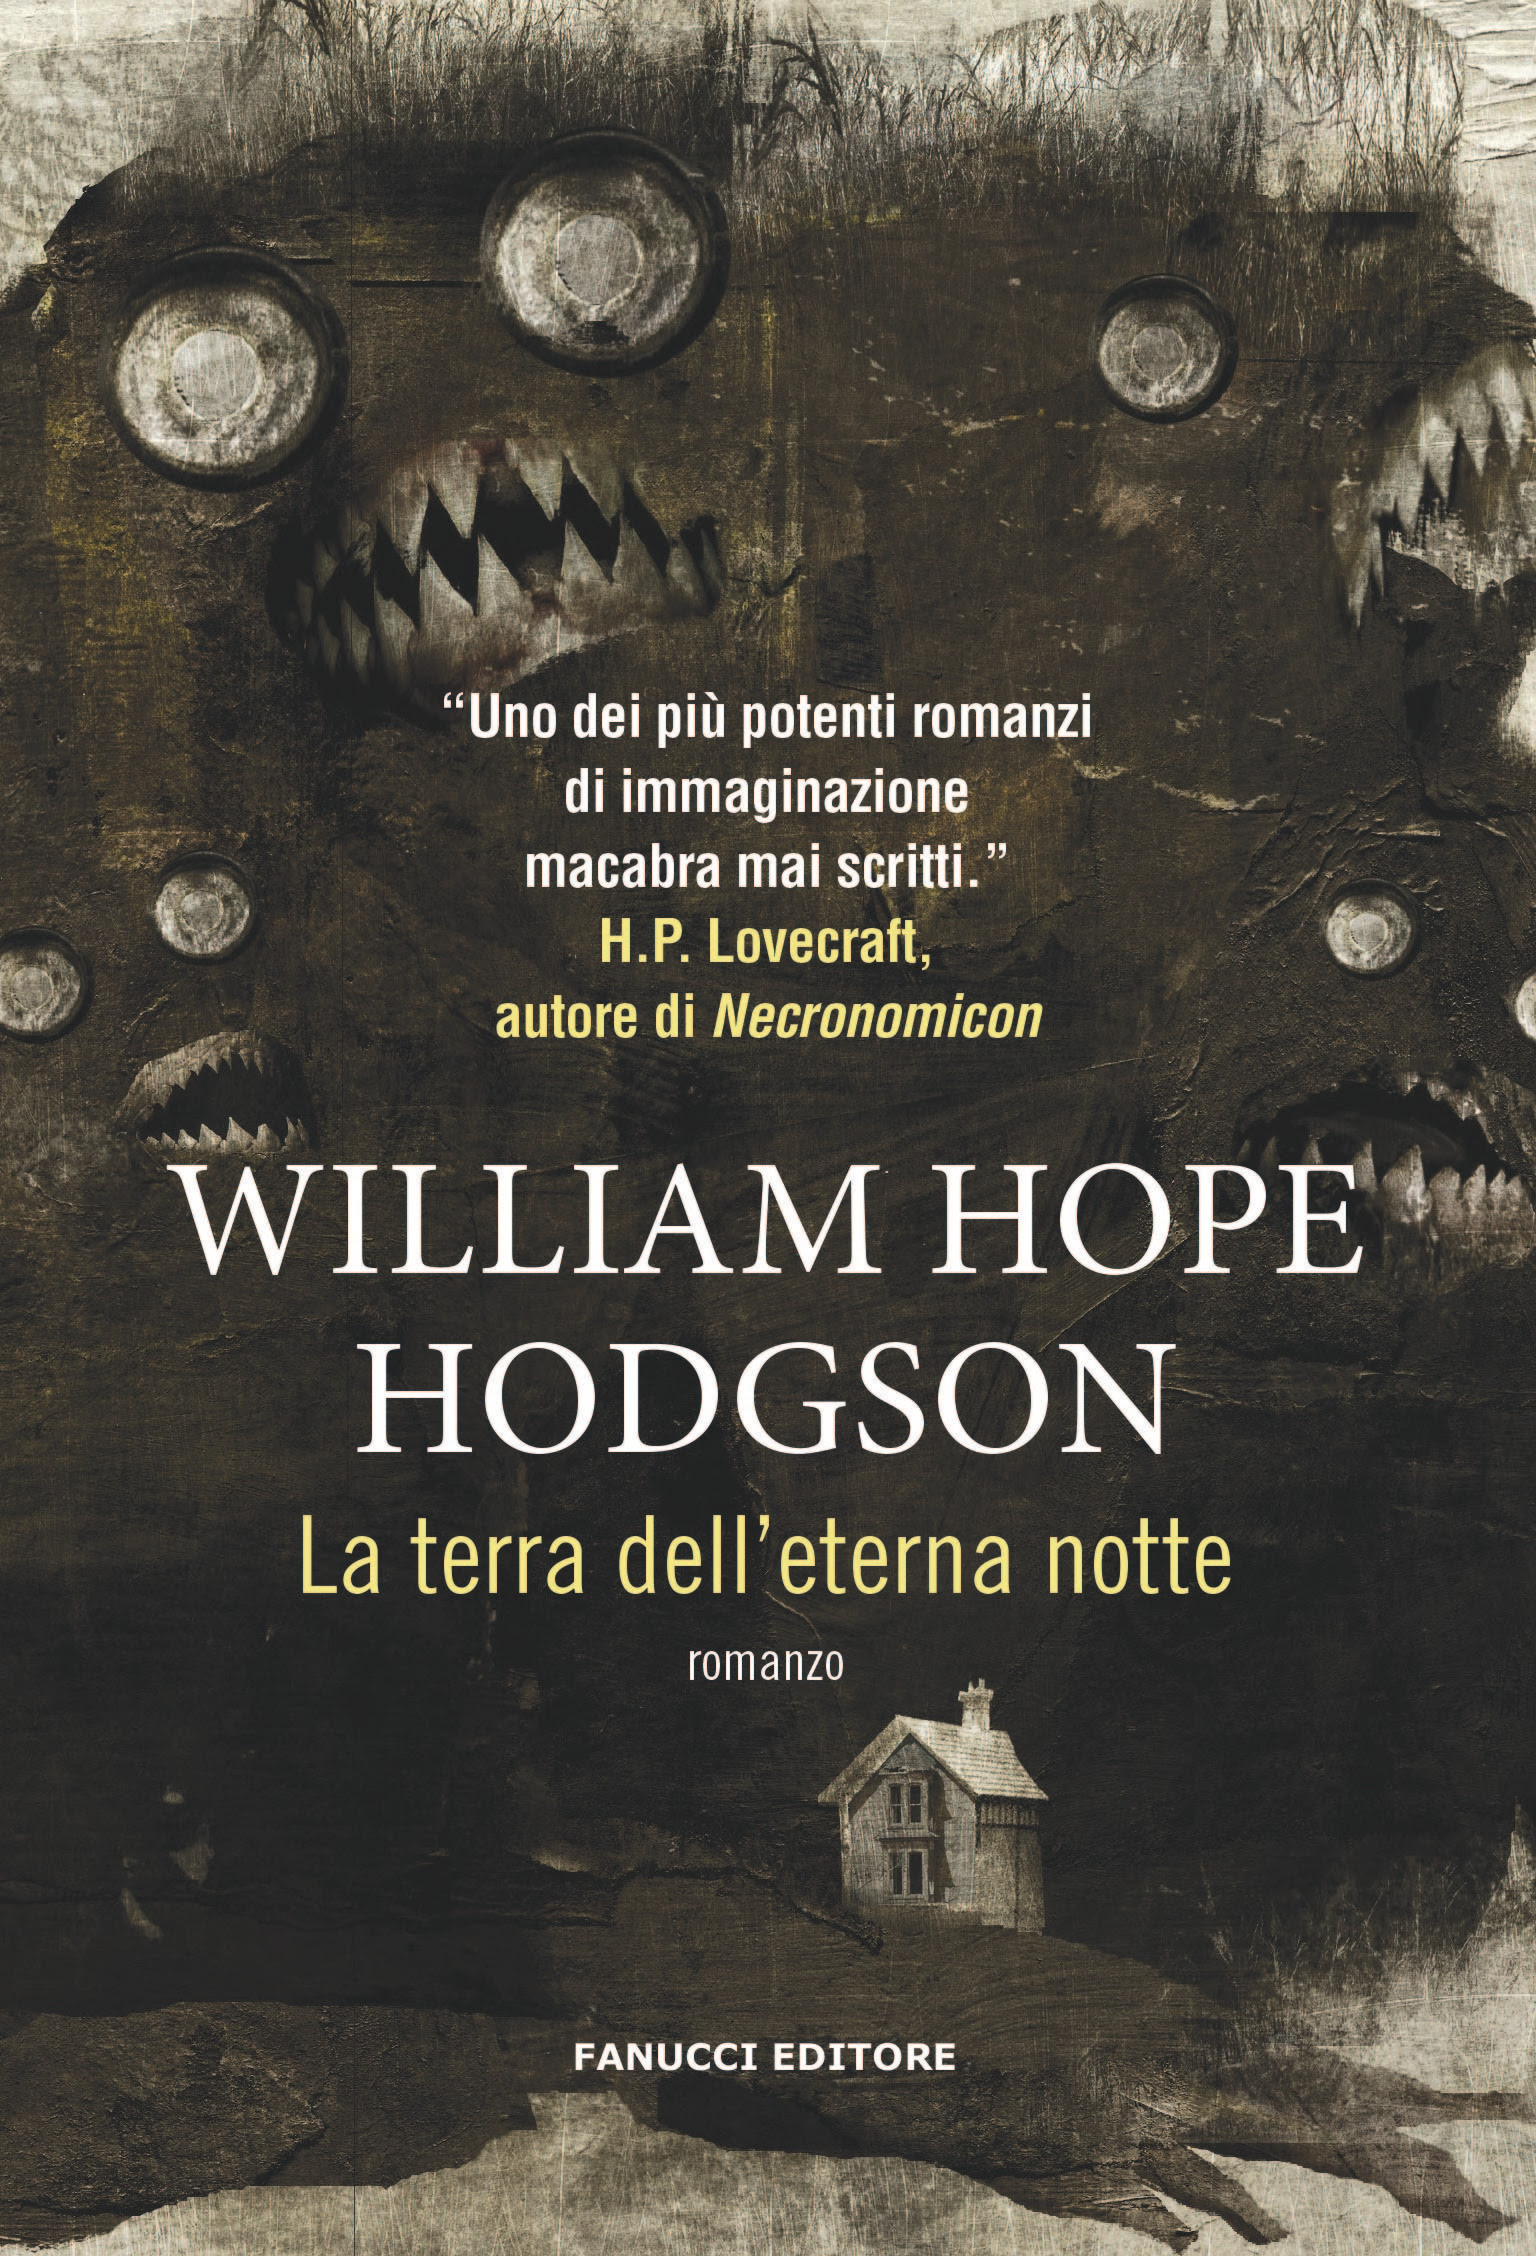 La terra dell'eterna notte di William Hope Hodgson